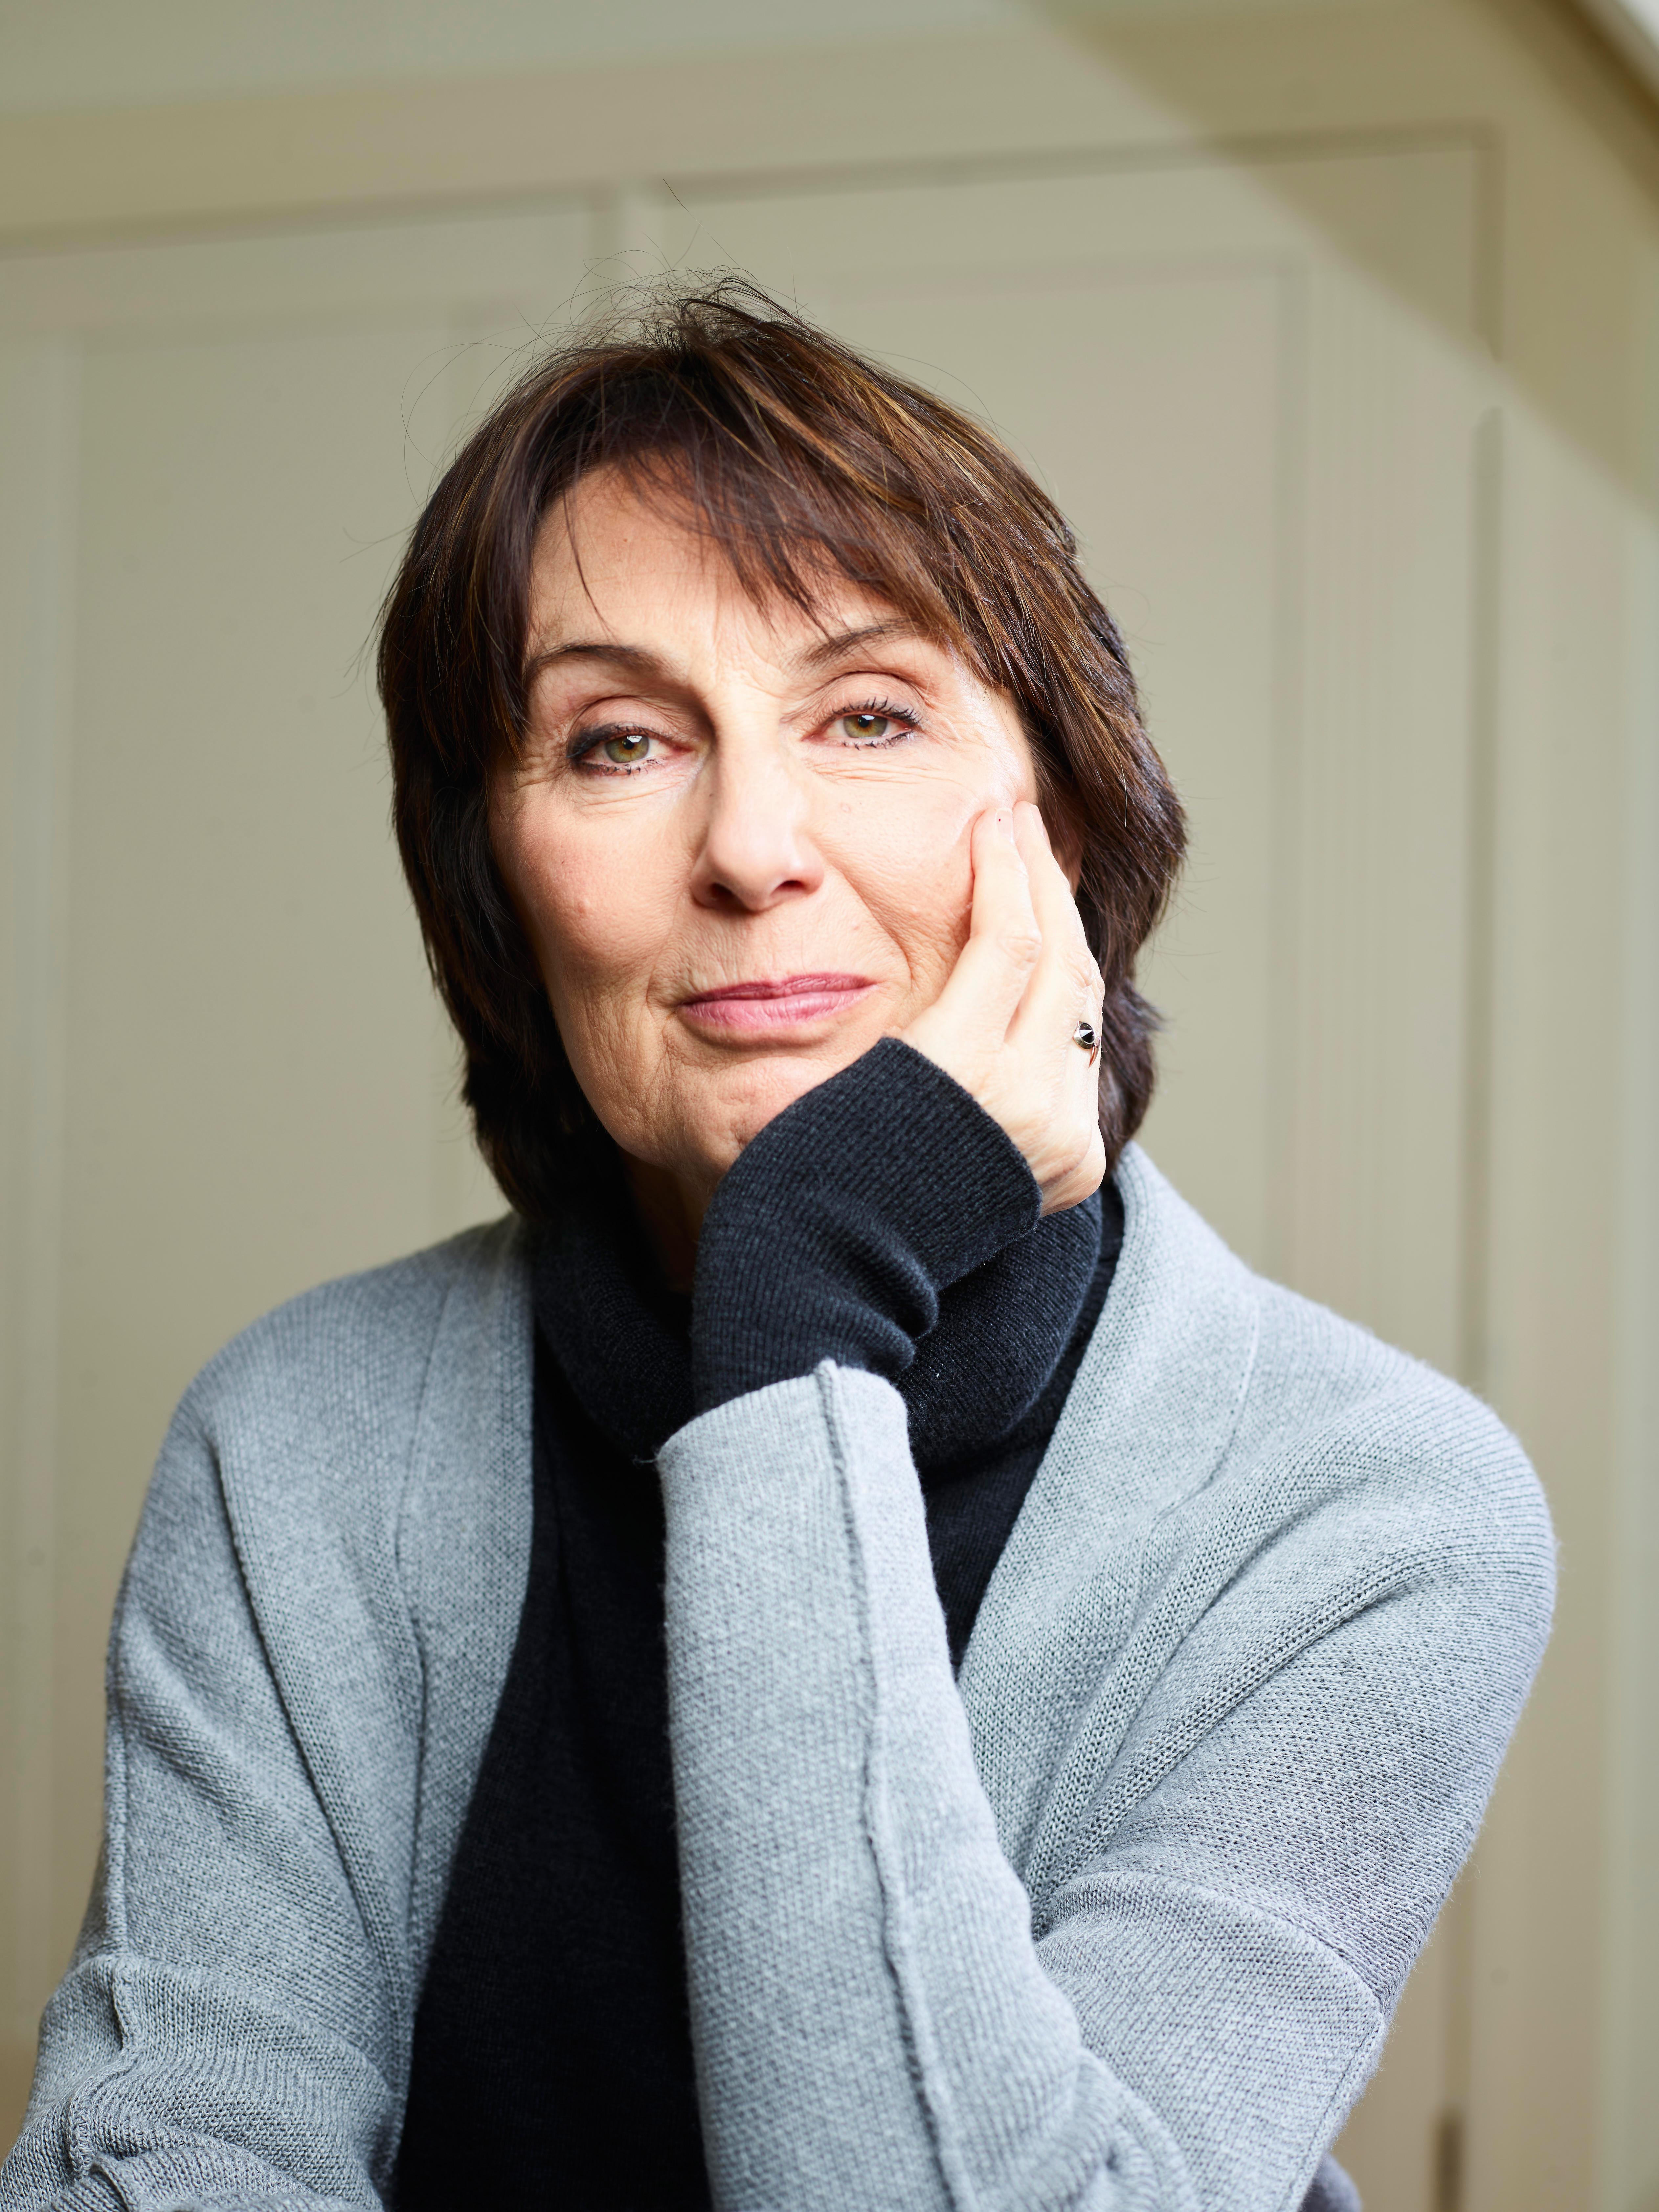 Pauline Broekema